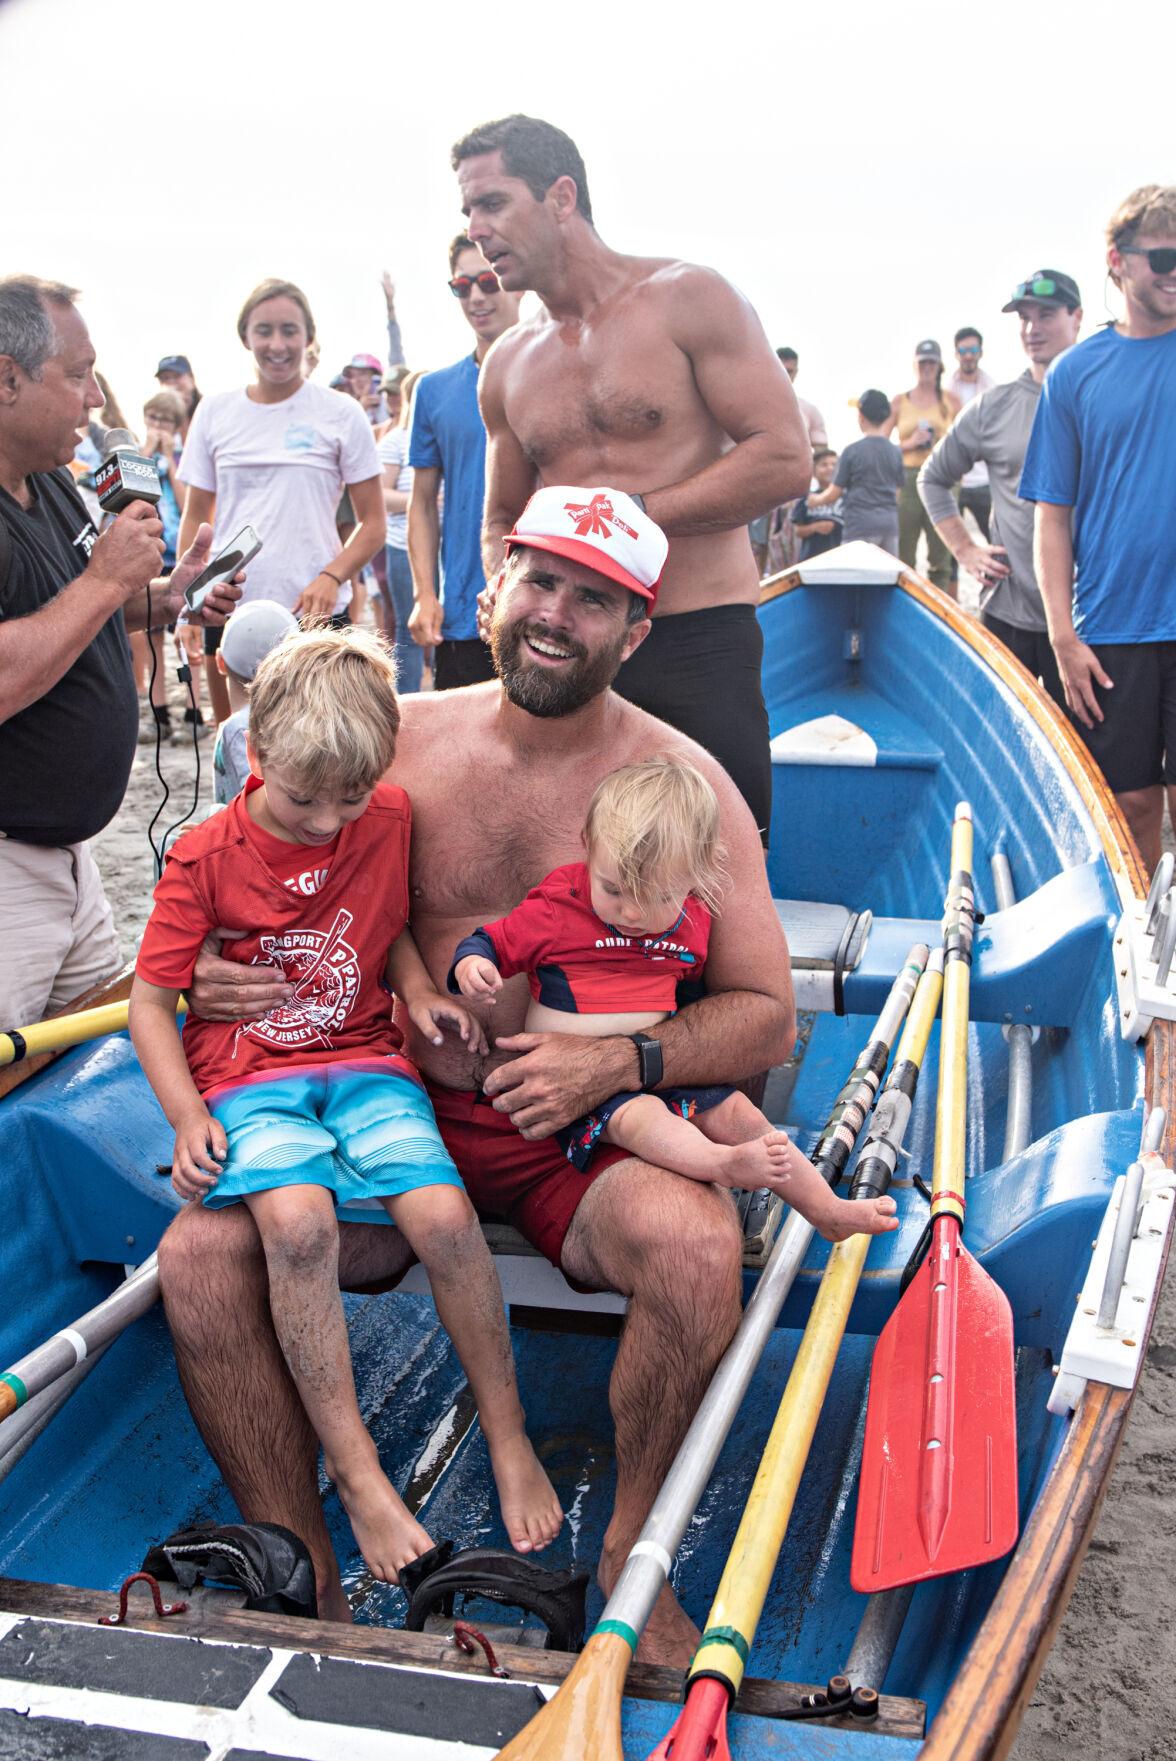 070321-pac-spt-lifeguards